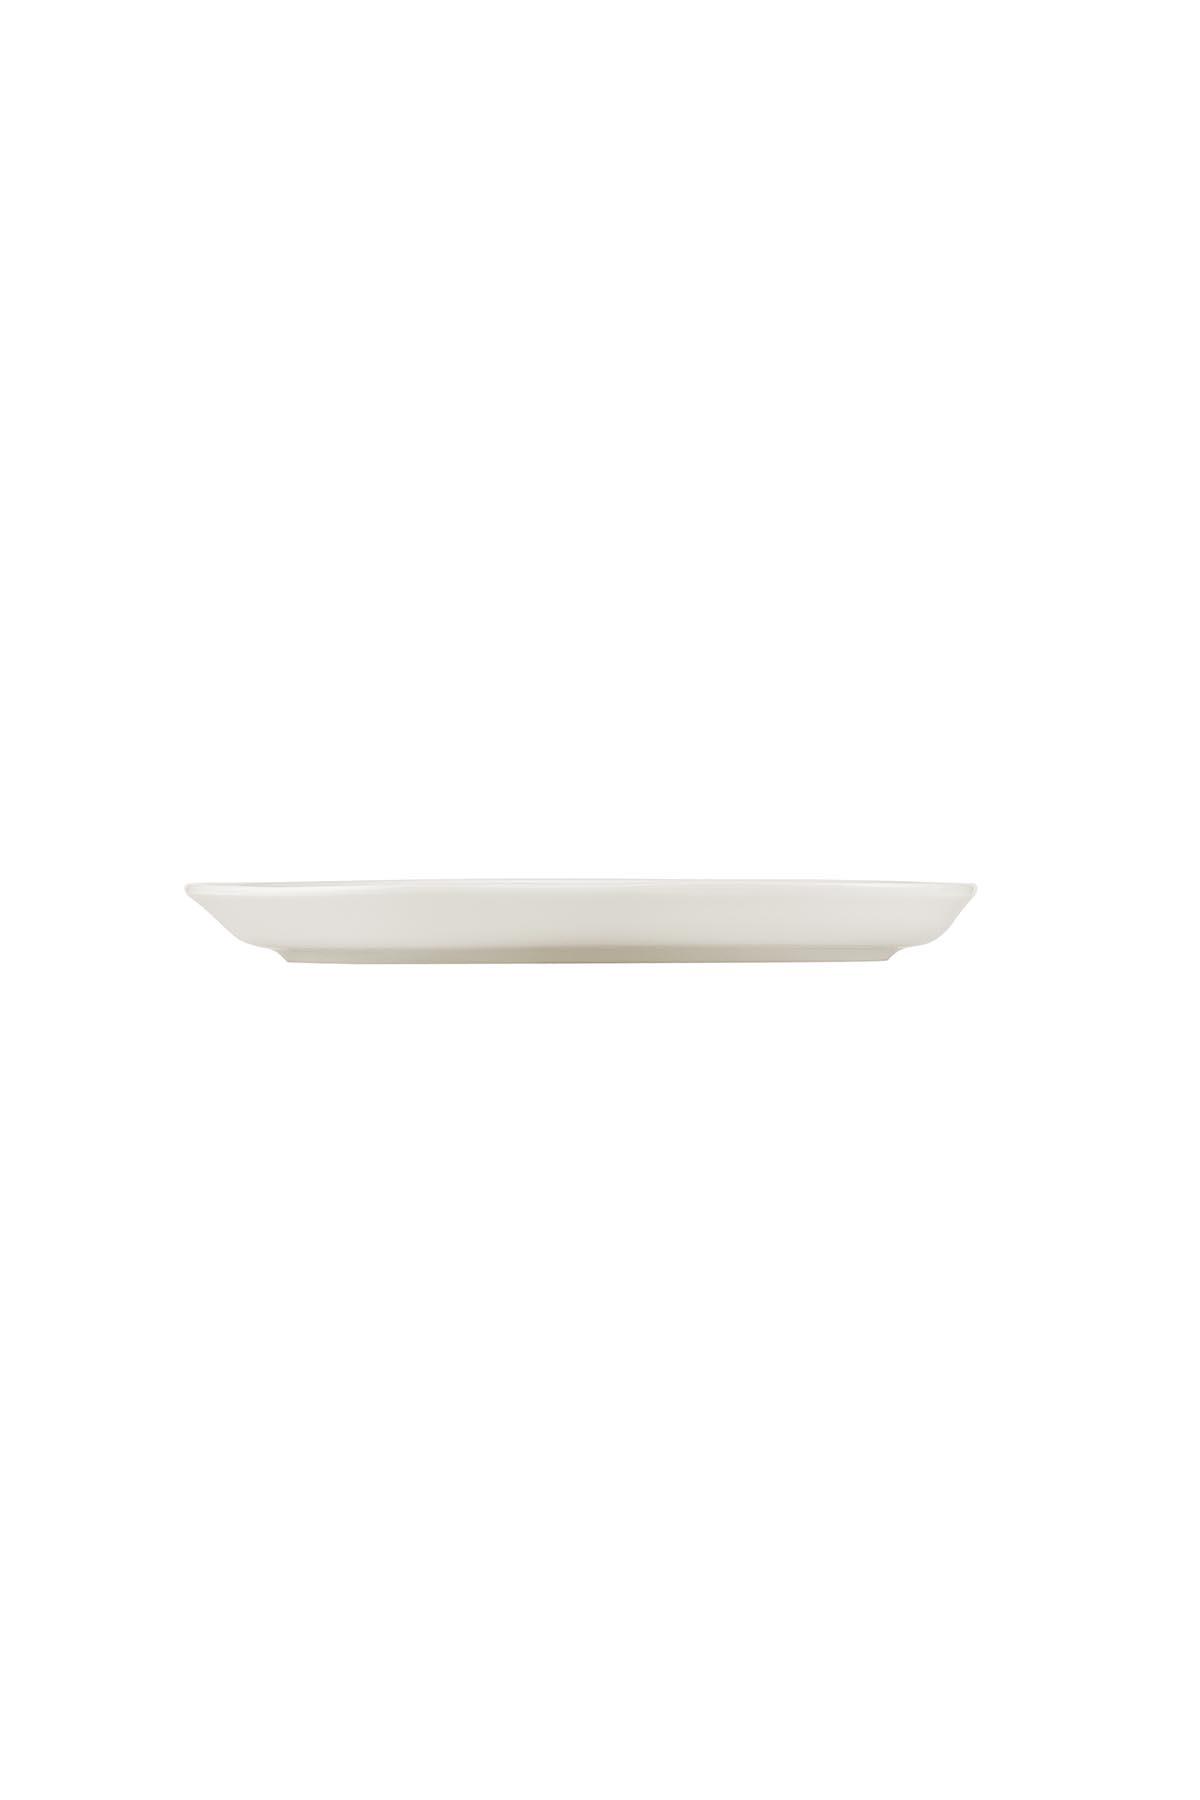 Kütahya Porselen Skallop 2′li Li 28x19 cm Kayık Tabak Seti Krem